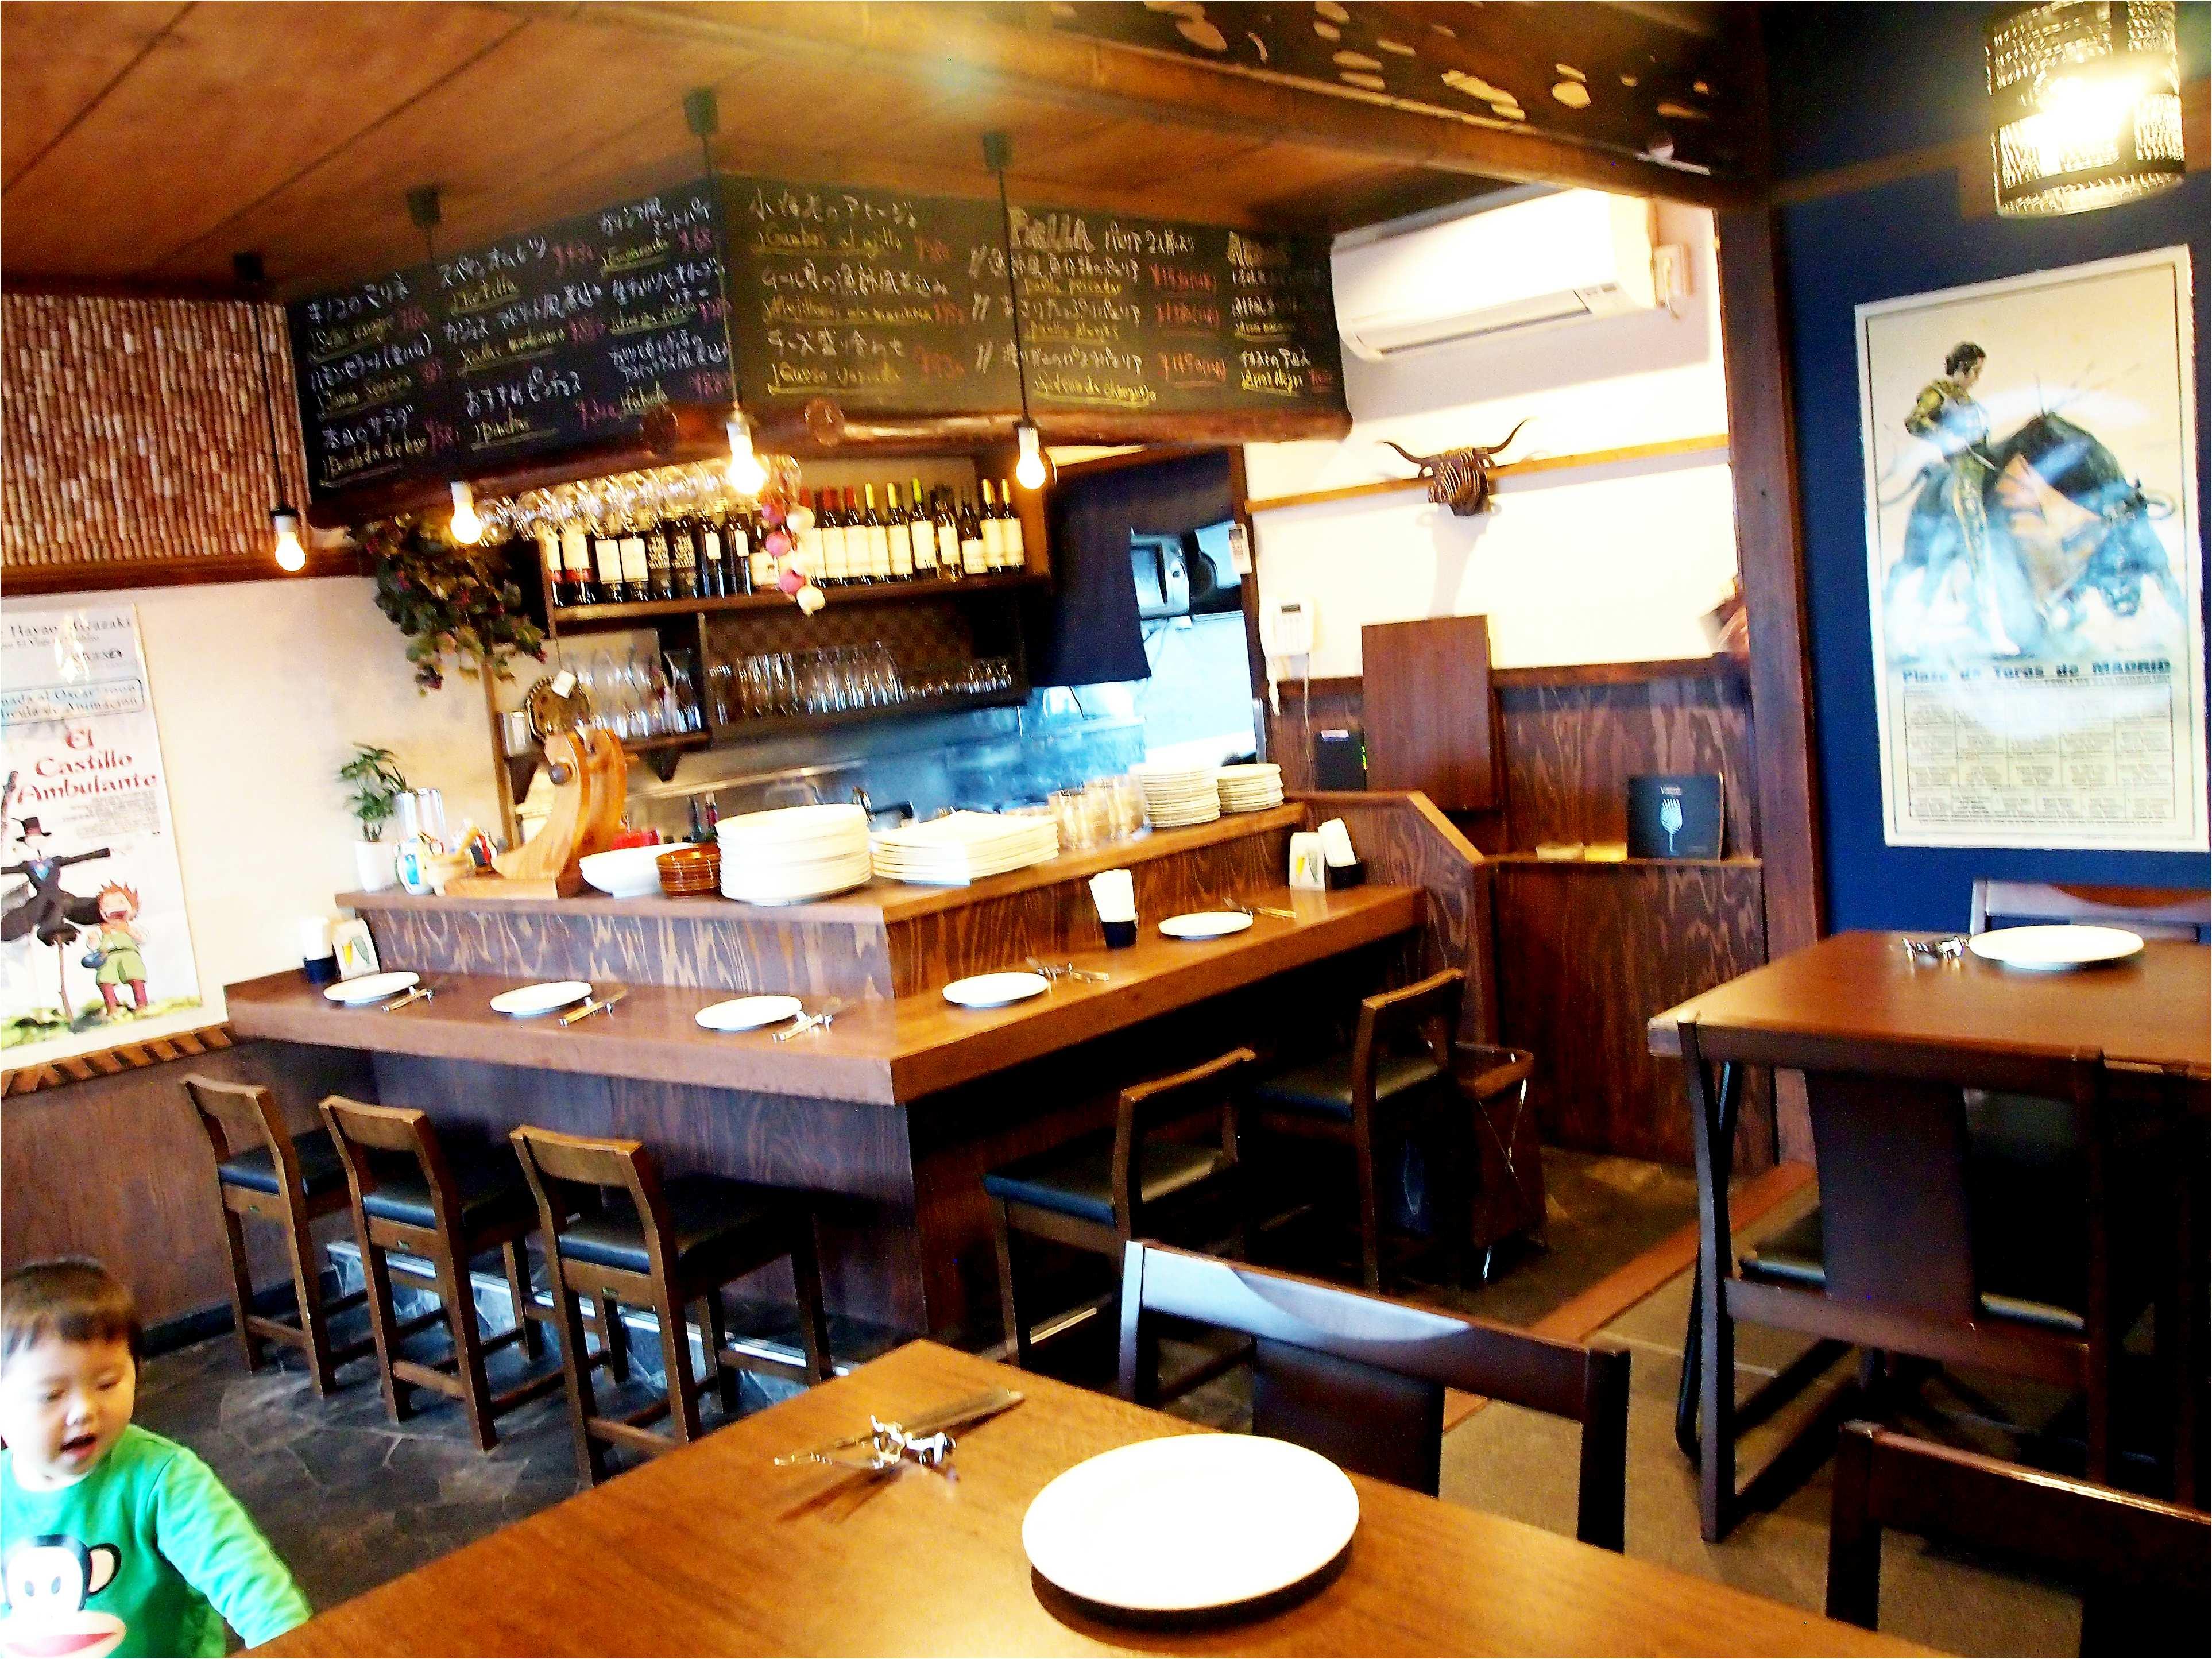 スペイン料理 荻窪食堂